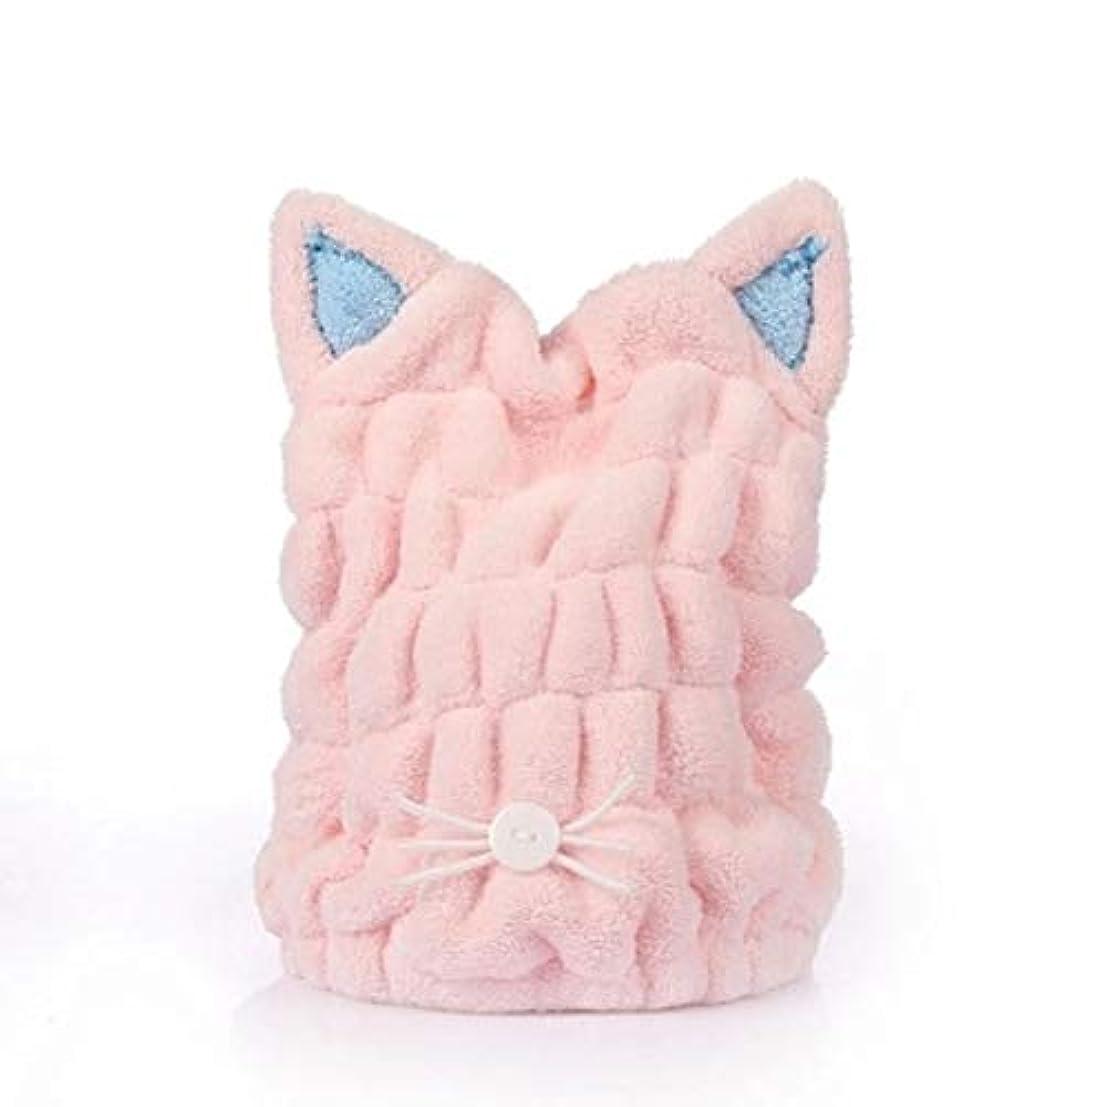 後ろに脅迫右Onior タオルキャップ 猫耳 ヘアドライキャップ 吸水 乾燥用 かわいい マイクロファイバー ふわふわ アニマル タオル お風呂用 (ピンク)